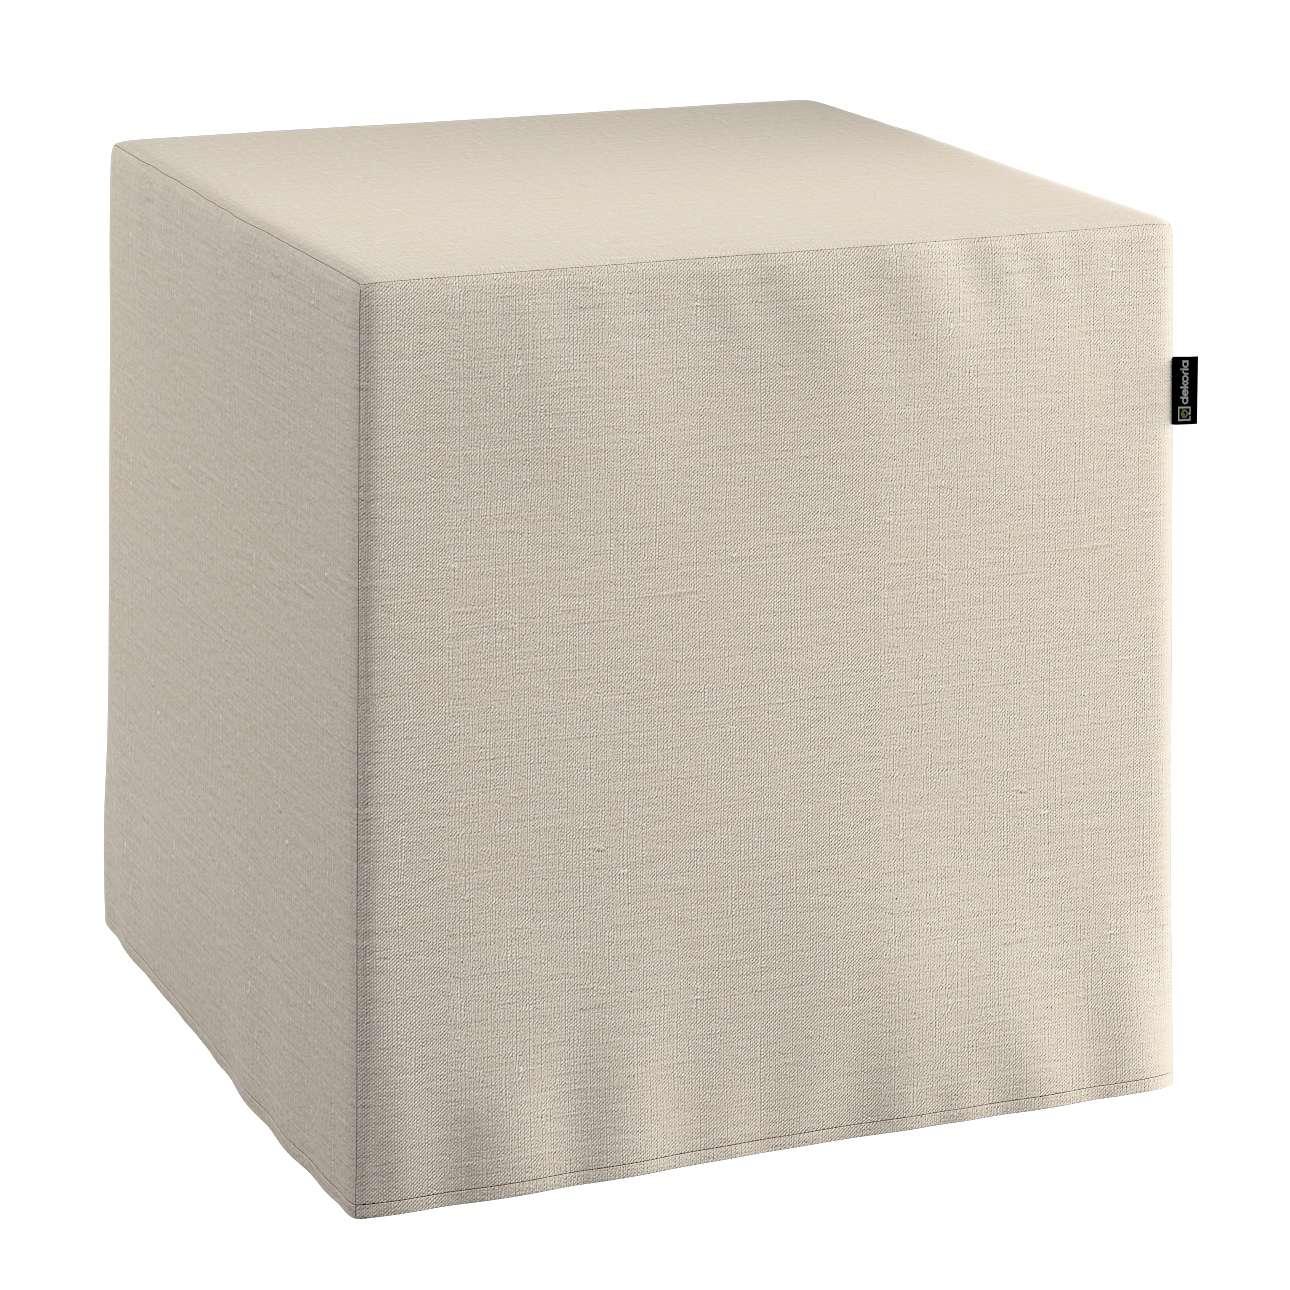 Bezug für Sitzwürfel Bezug für Sitzwürfel 40x40x40 cm von der Kollektion Leinen, Stoff: 392-05